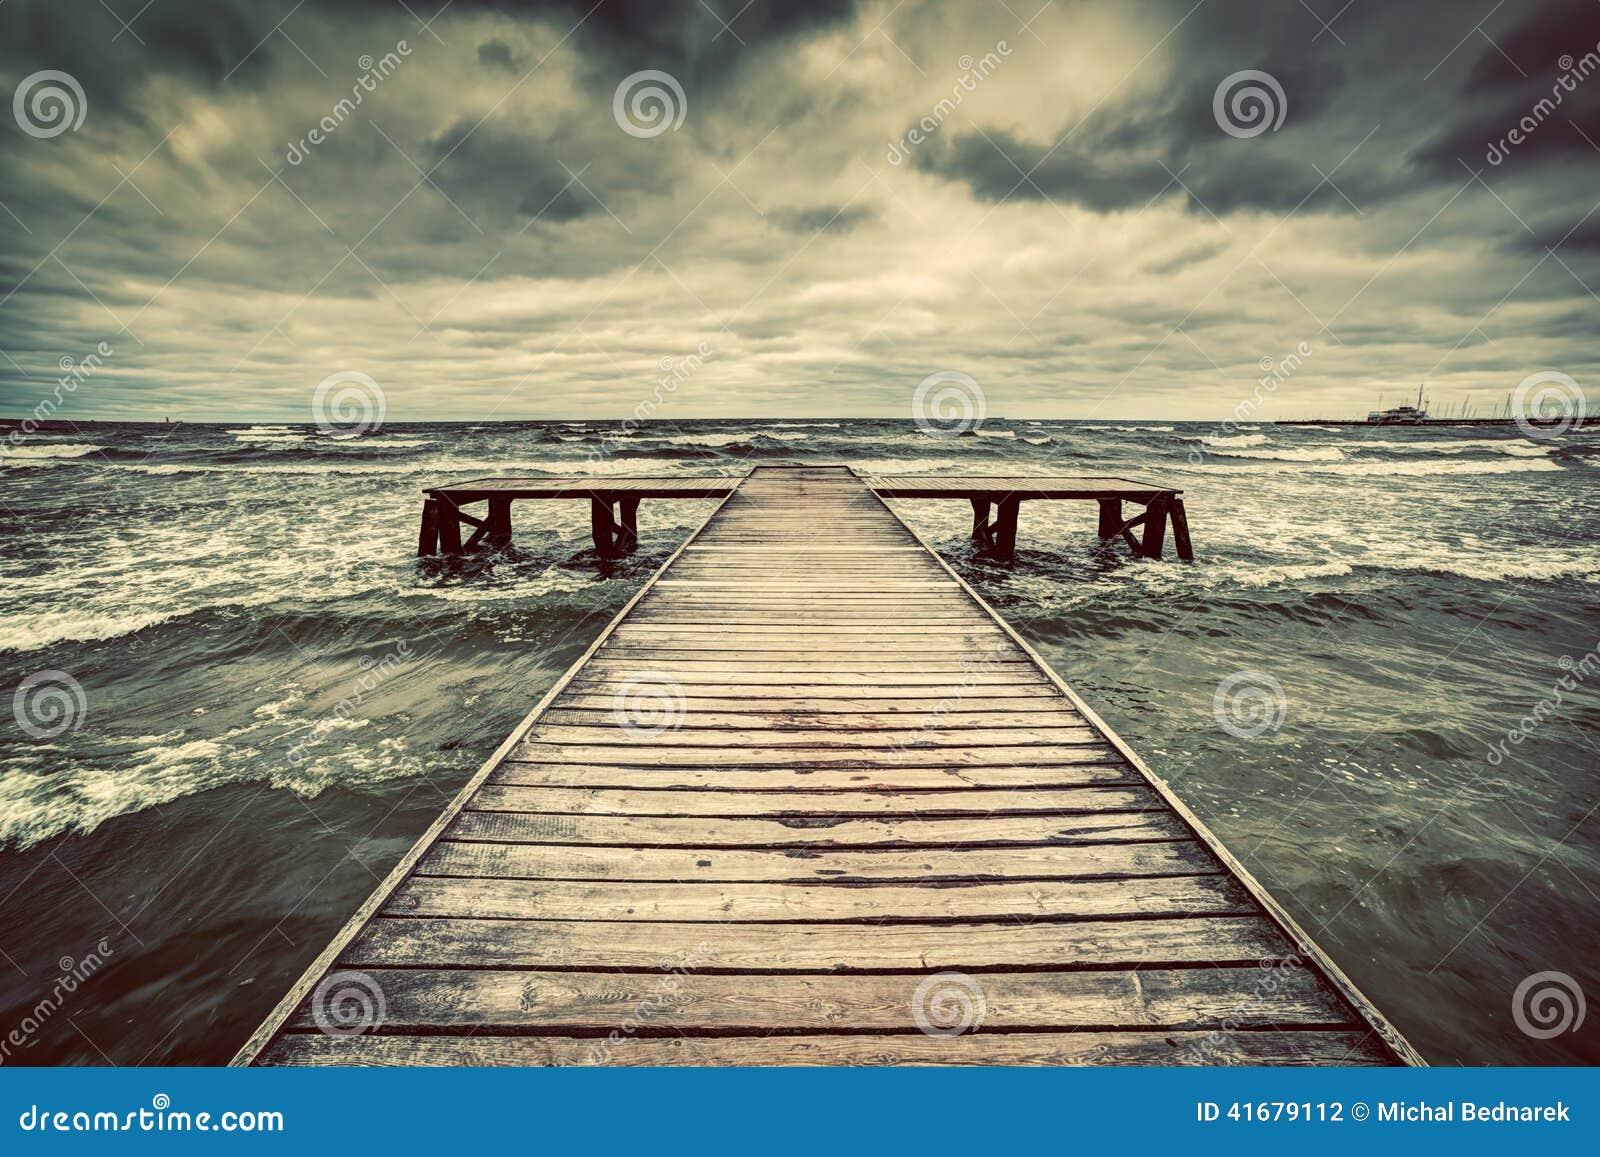 Παλαιός ξύλινος λιμενοβραχίονας κατά τη διάρκεια της θύελλας στη θάλασσα Δραματικός ουρανός με τα σκοτεινά, βαριά σύννεφα